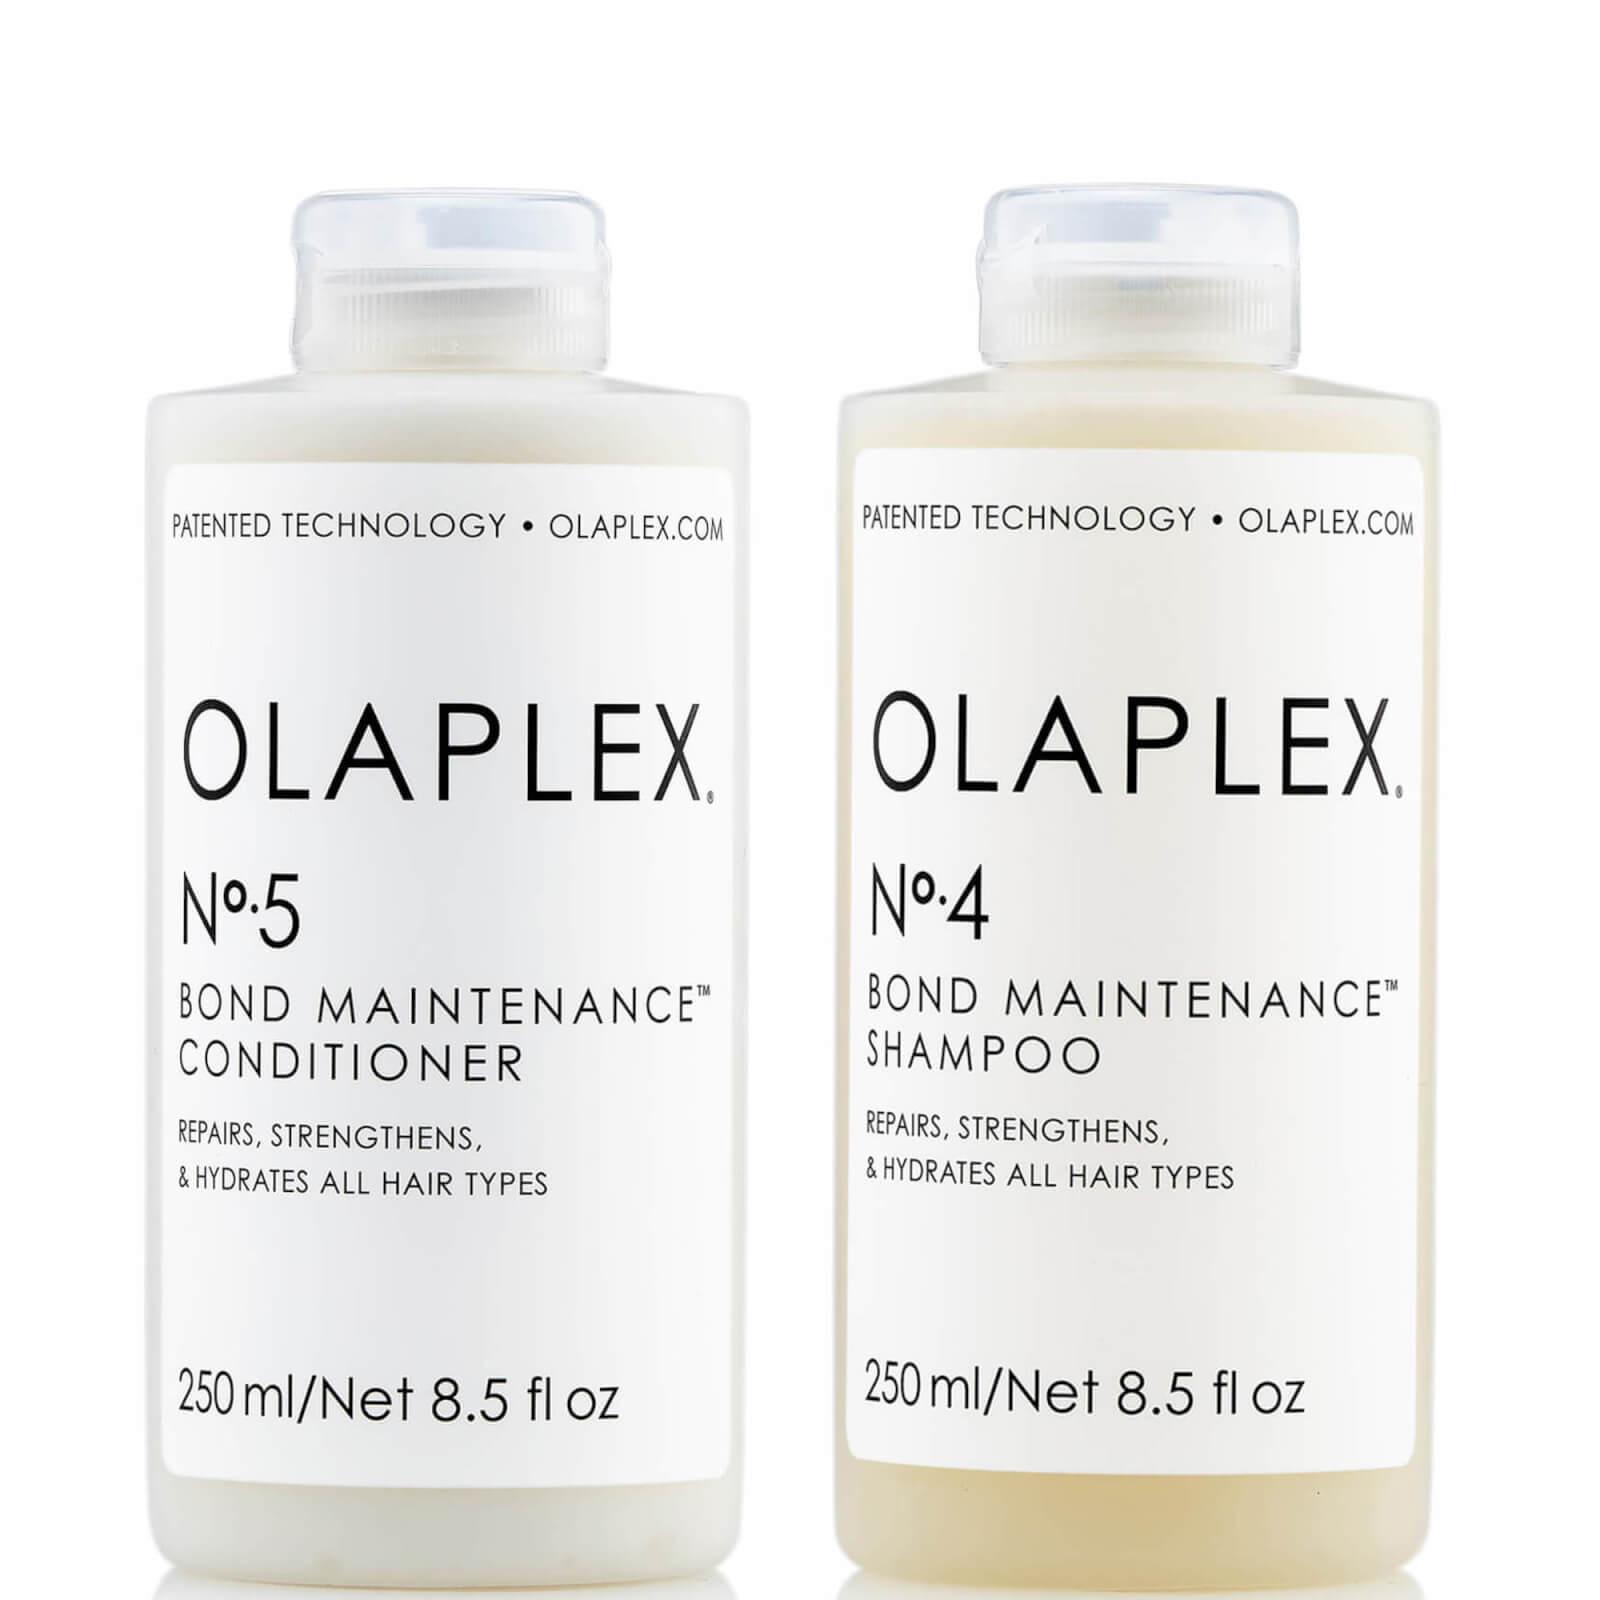 Dúo de champú y acondicionador de Olaplex